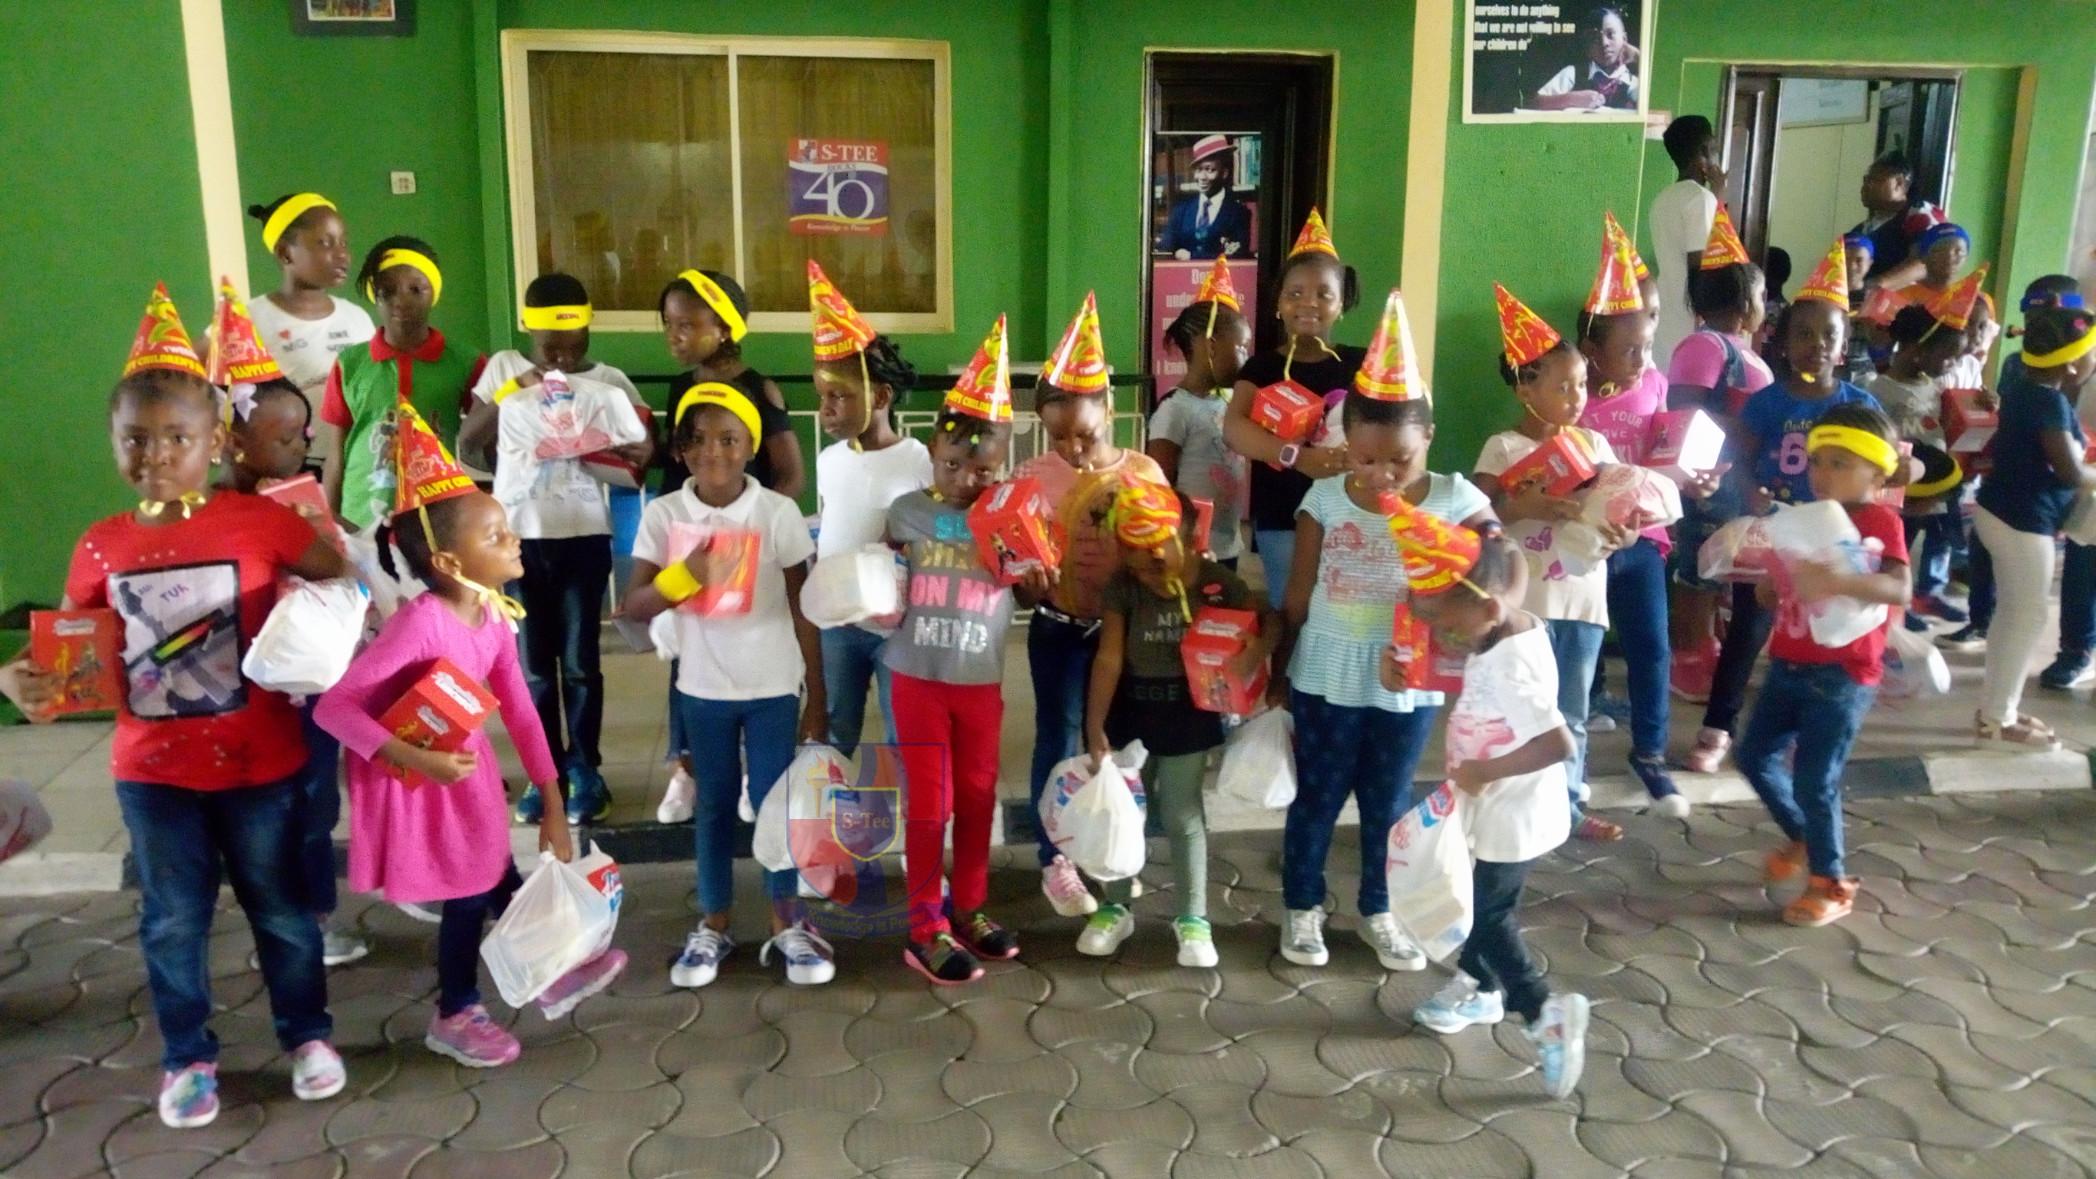 S-TEE Children's Day